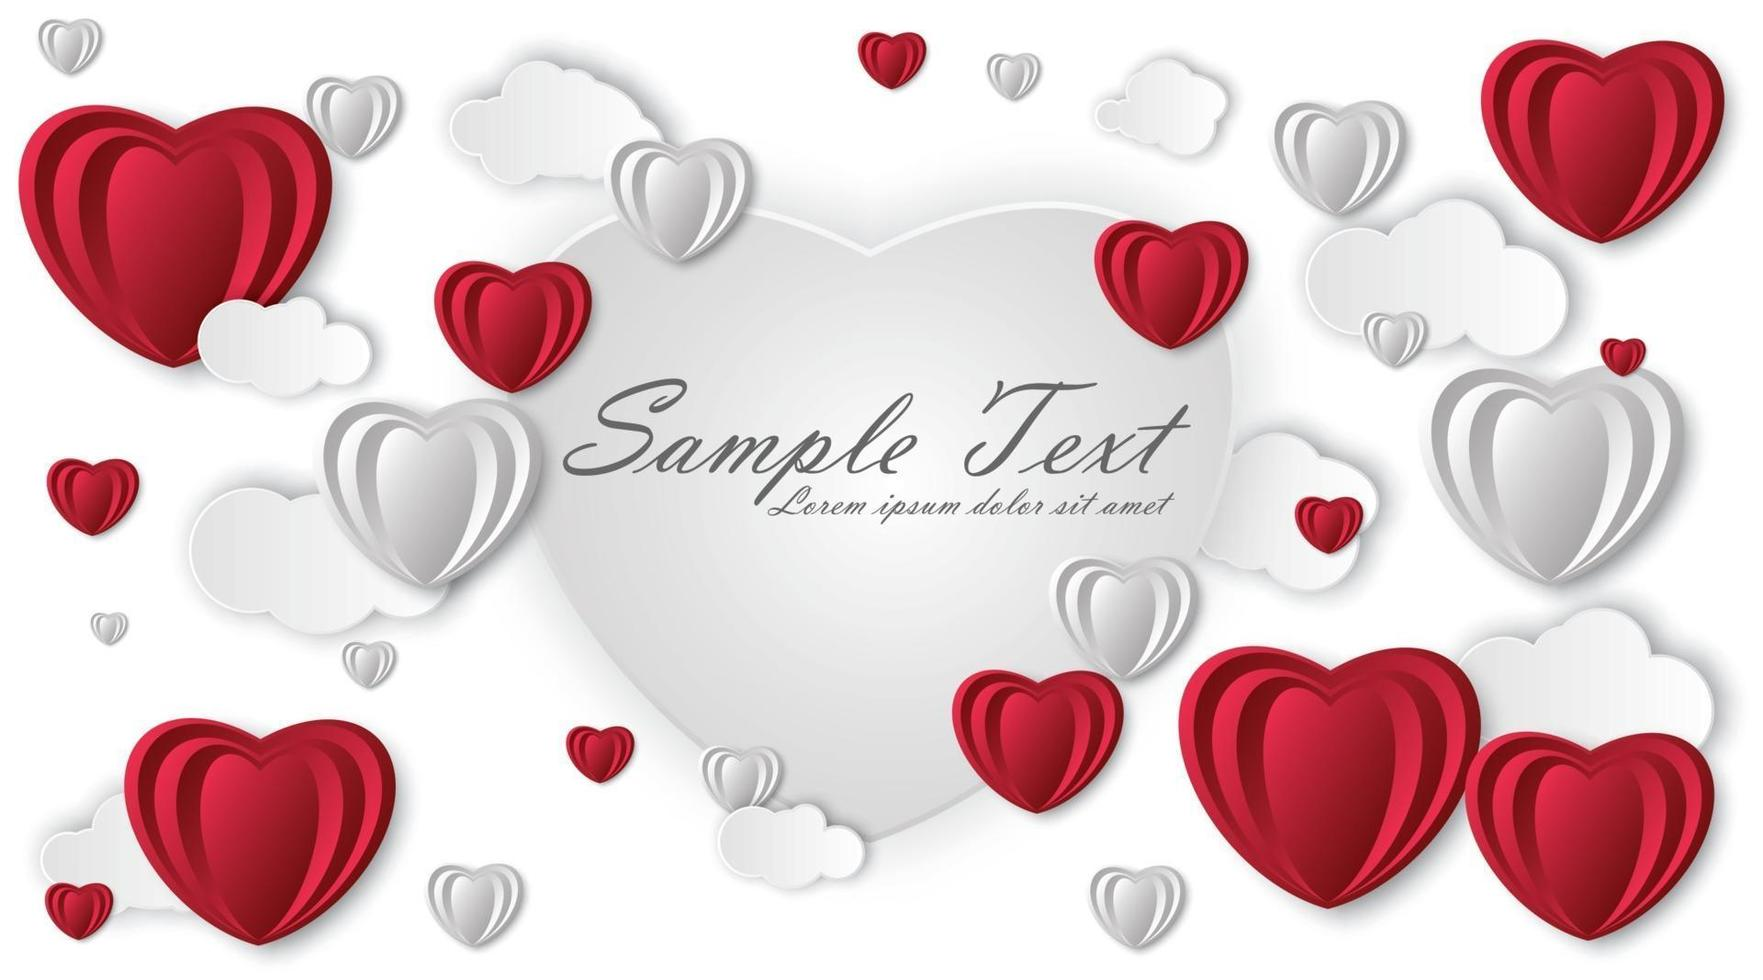 cenário de feliz dia dos namorados. arte em papel, amor e casamento. coração de papel vermelho e branco. ilustração de desenho vetorial vetor